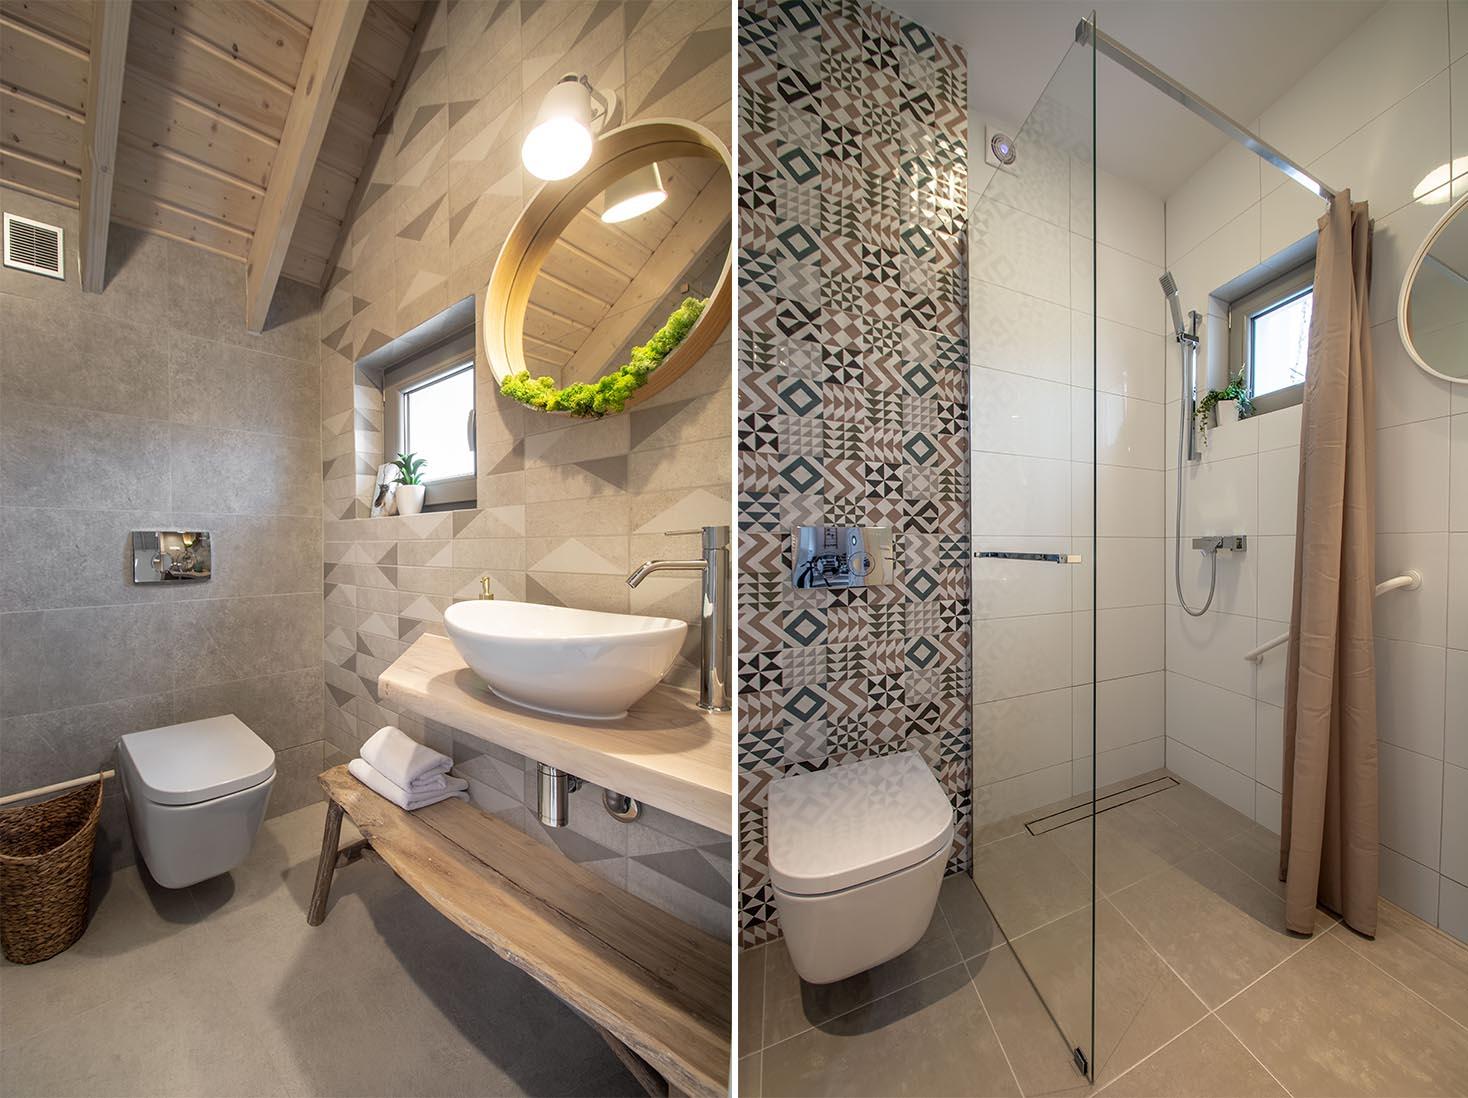 07-Domek 8 mad morzem dla osob niepelnosprawnych Zatoka Mew łazienka dolna z prysznicem i udogodnieniami dla niepelnosprawnych